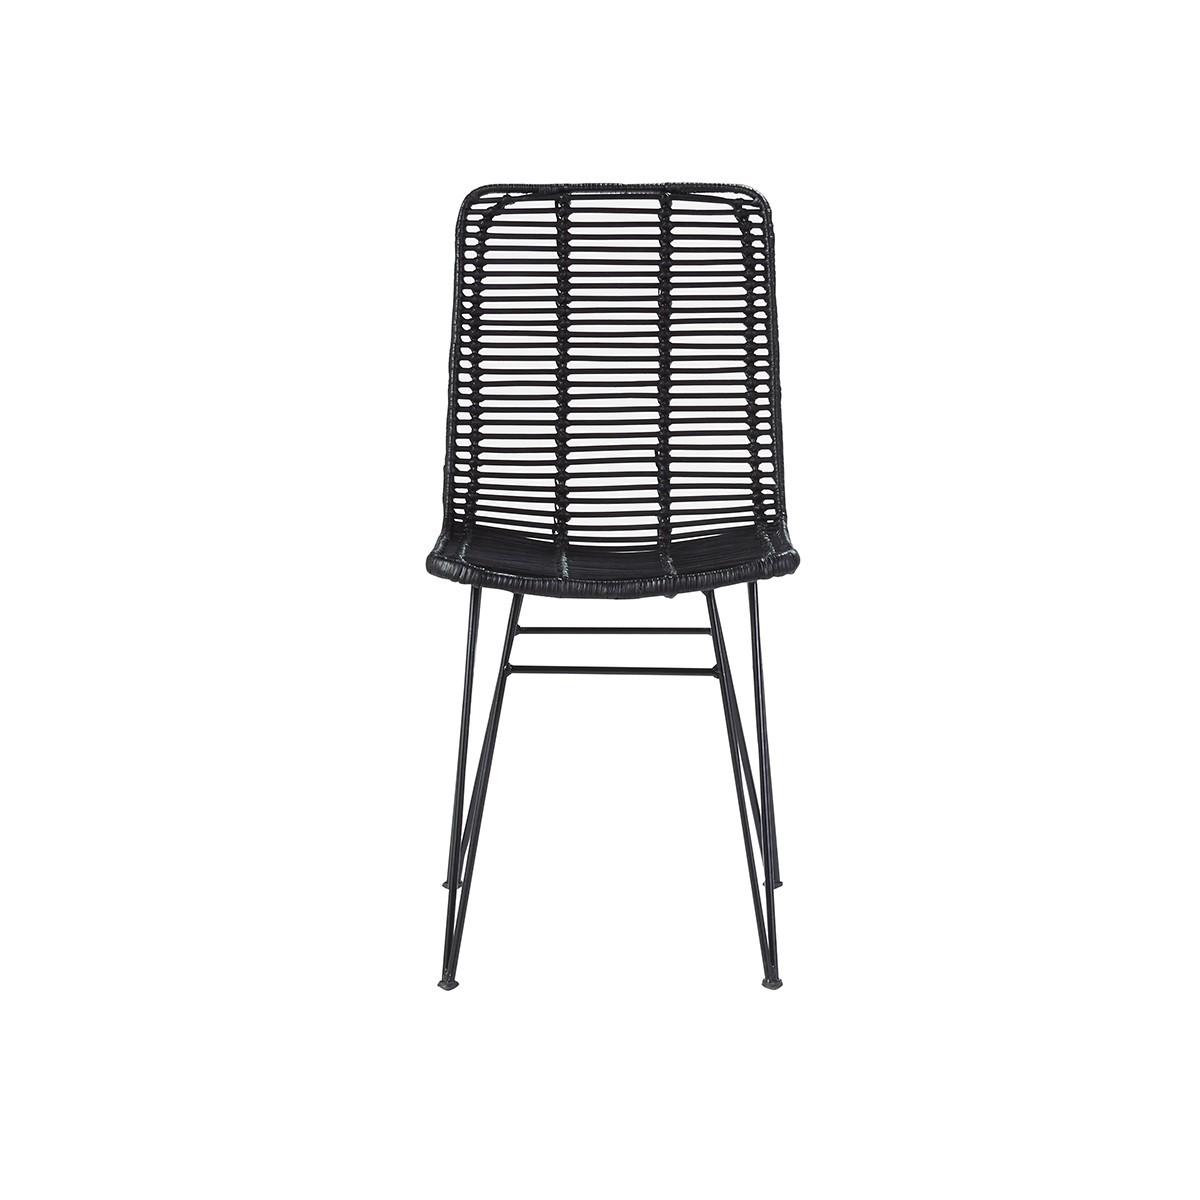 Chaise en rotin et métal noire